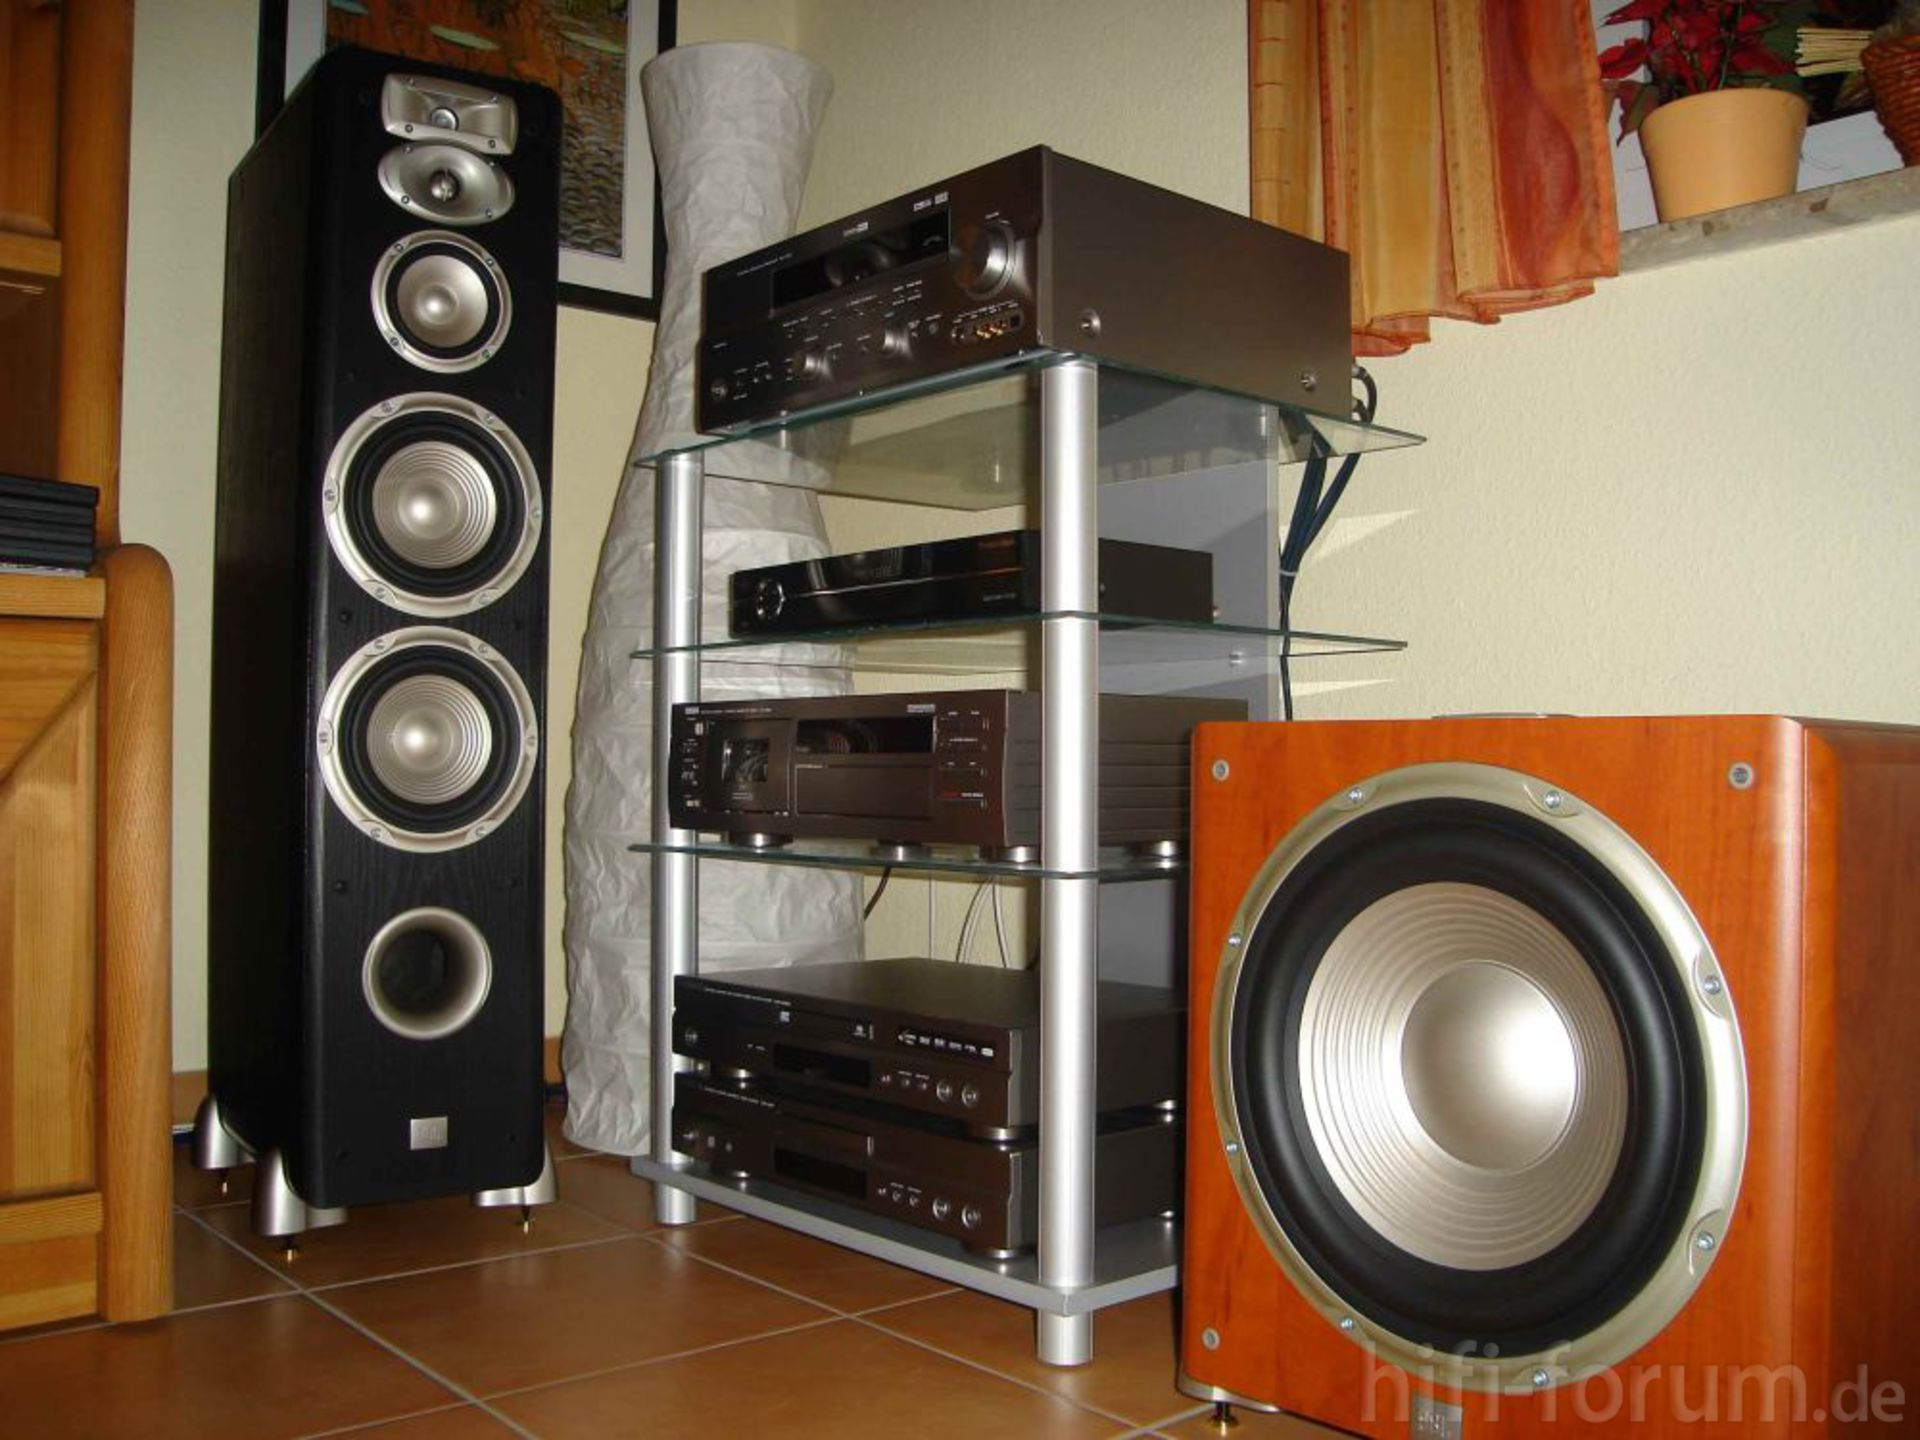 Anlage wohnzimmer anlage heimkino surround wohnzimmer hifi bildergalerie - Audio anlage wohnzimmer ...